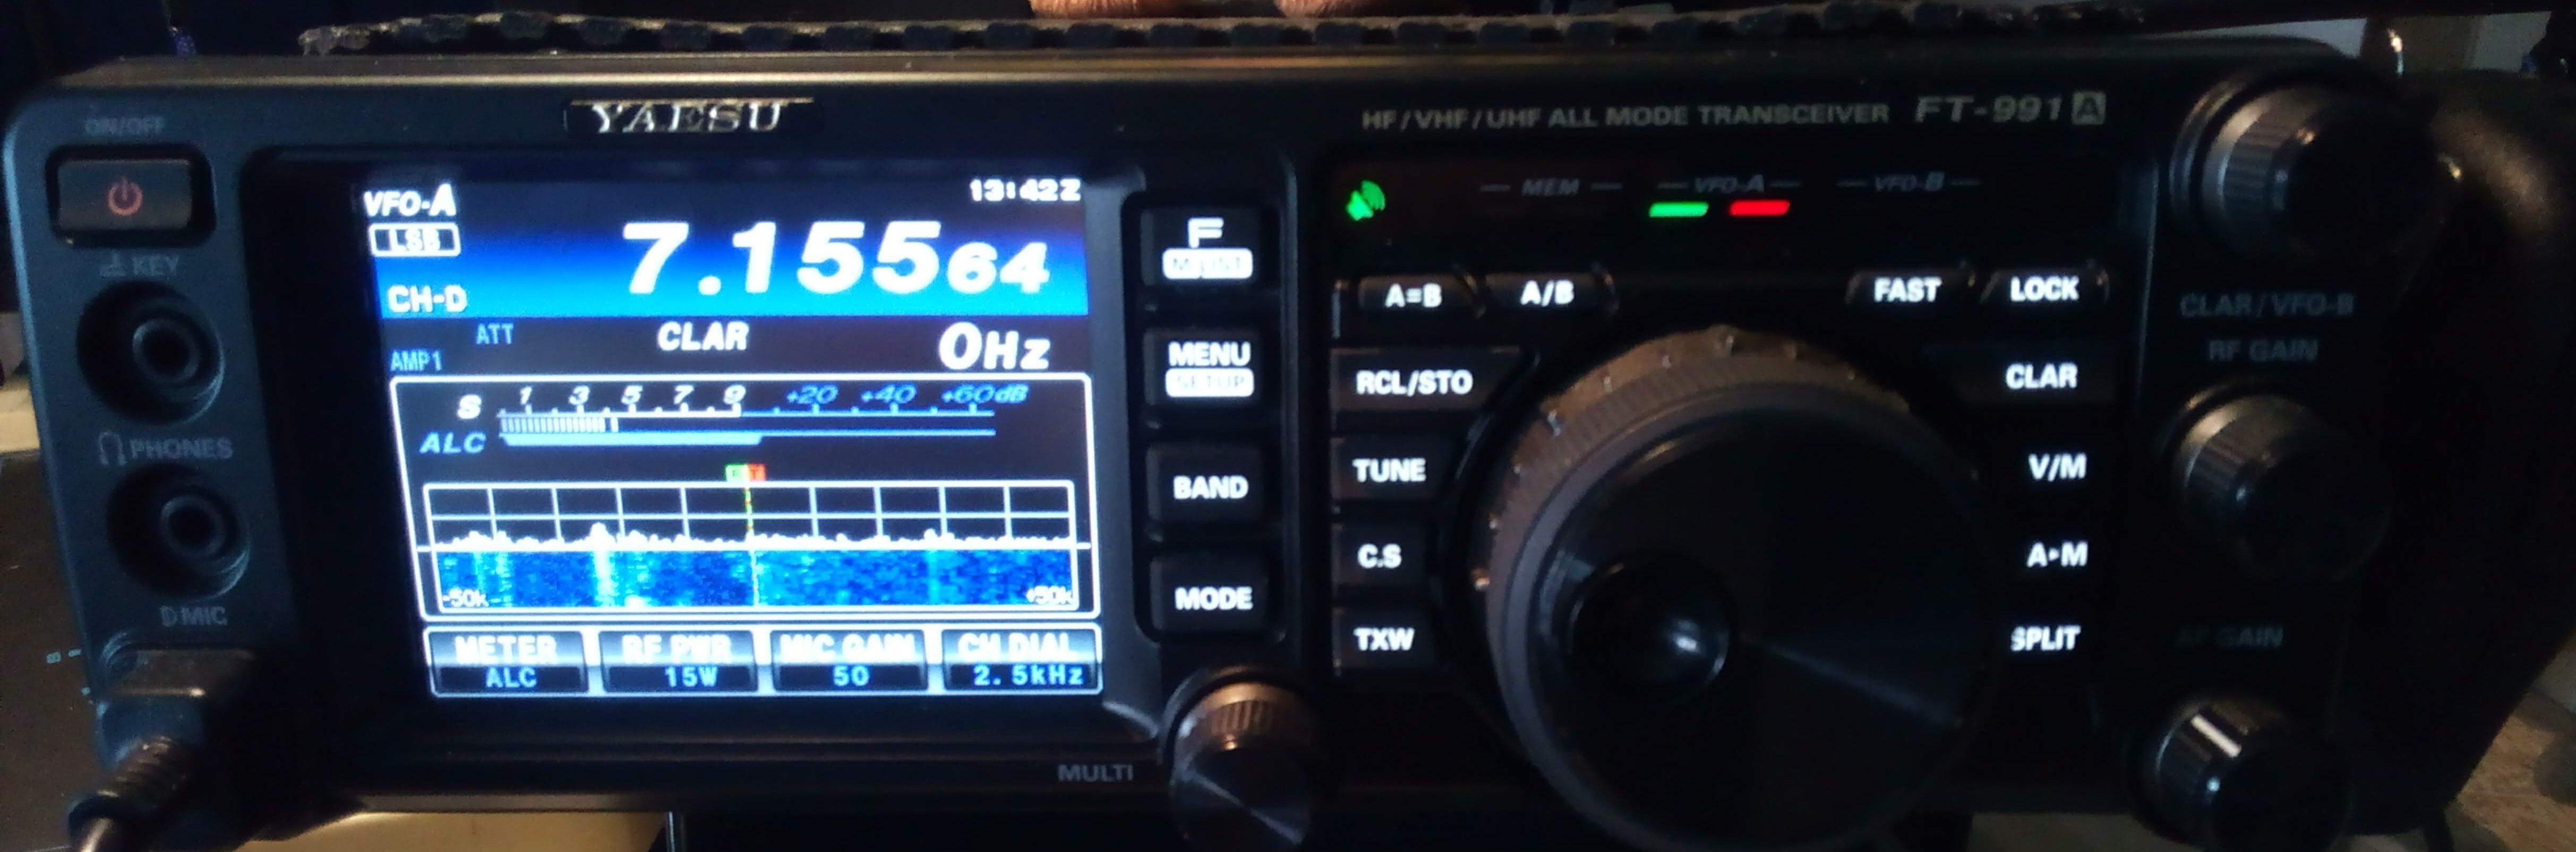 Yaesu FT 991 A